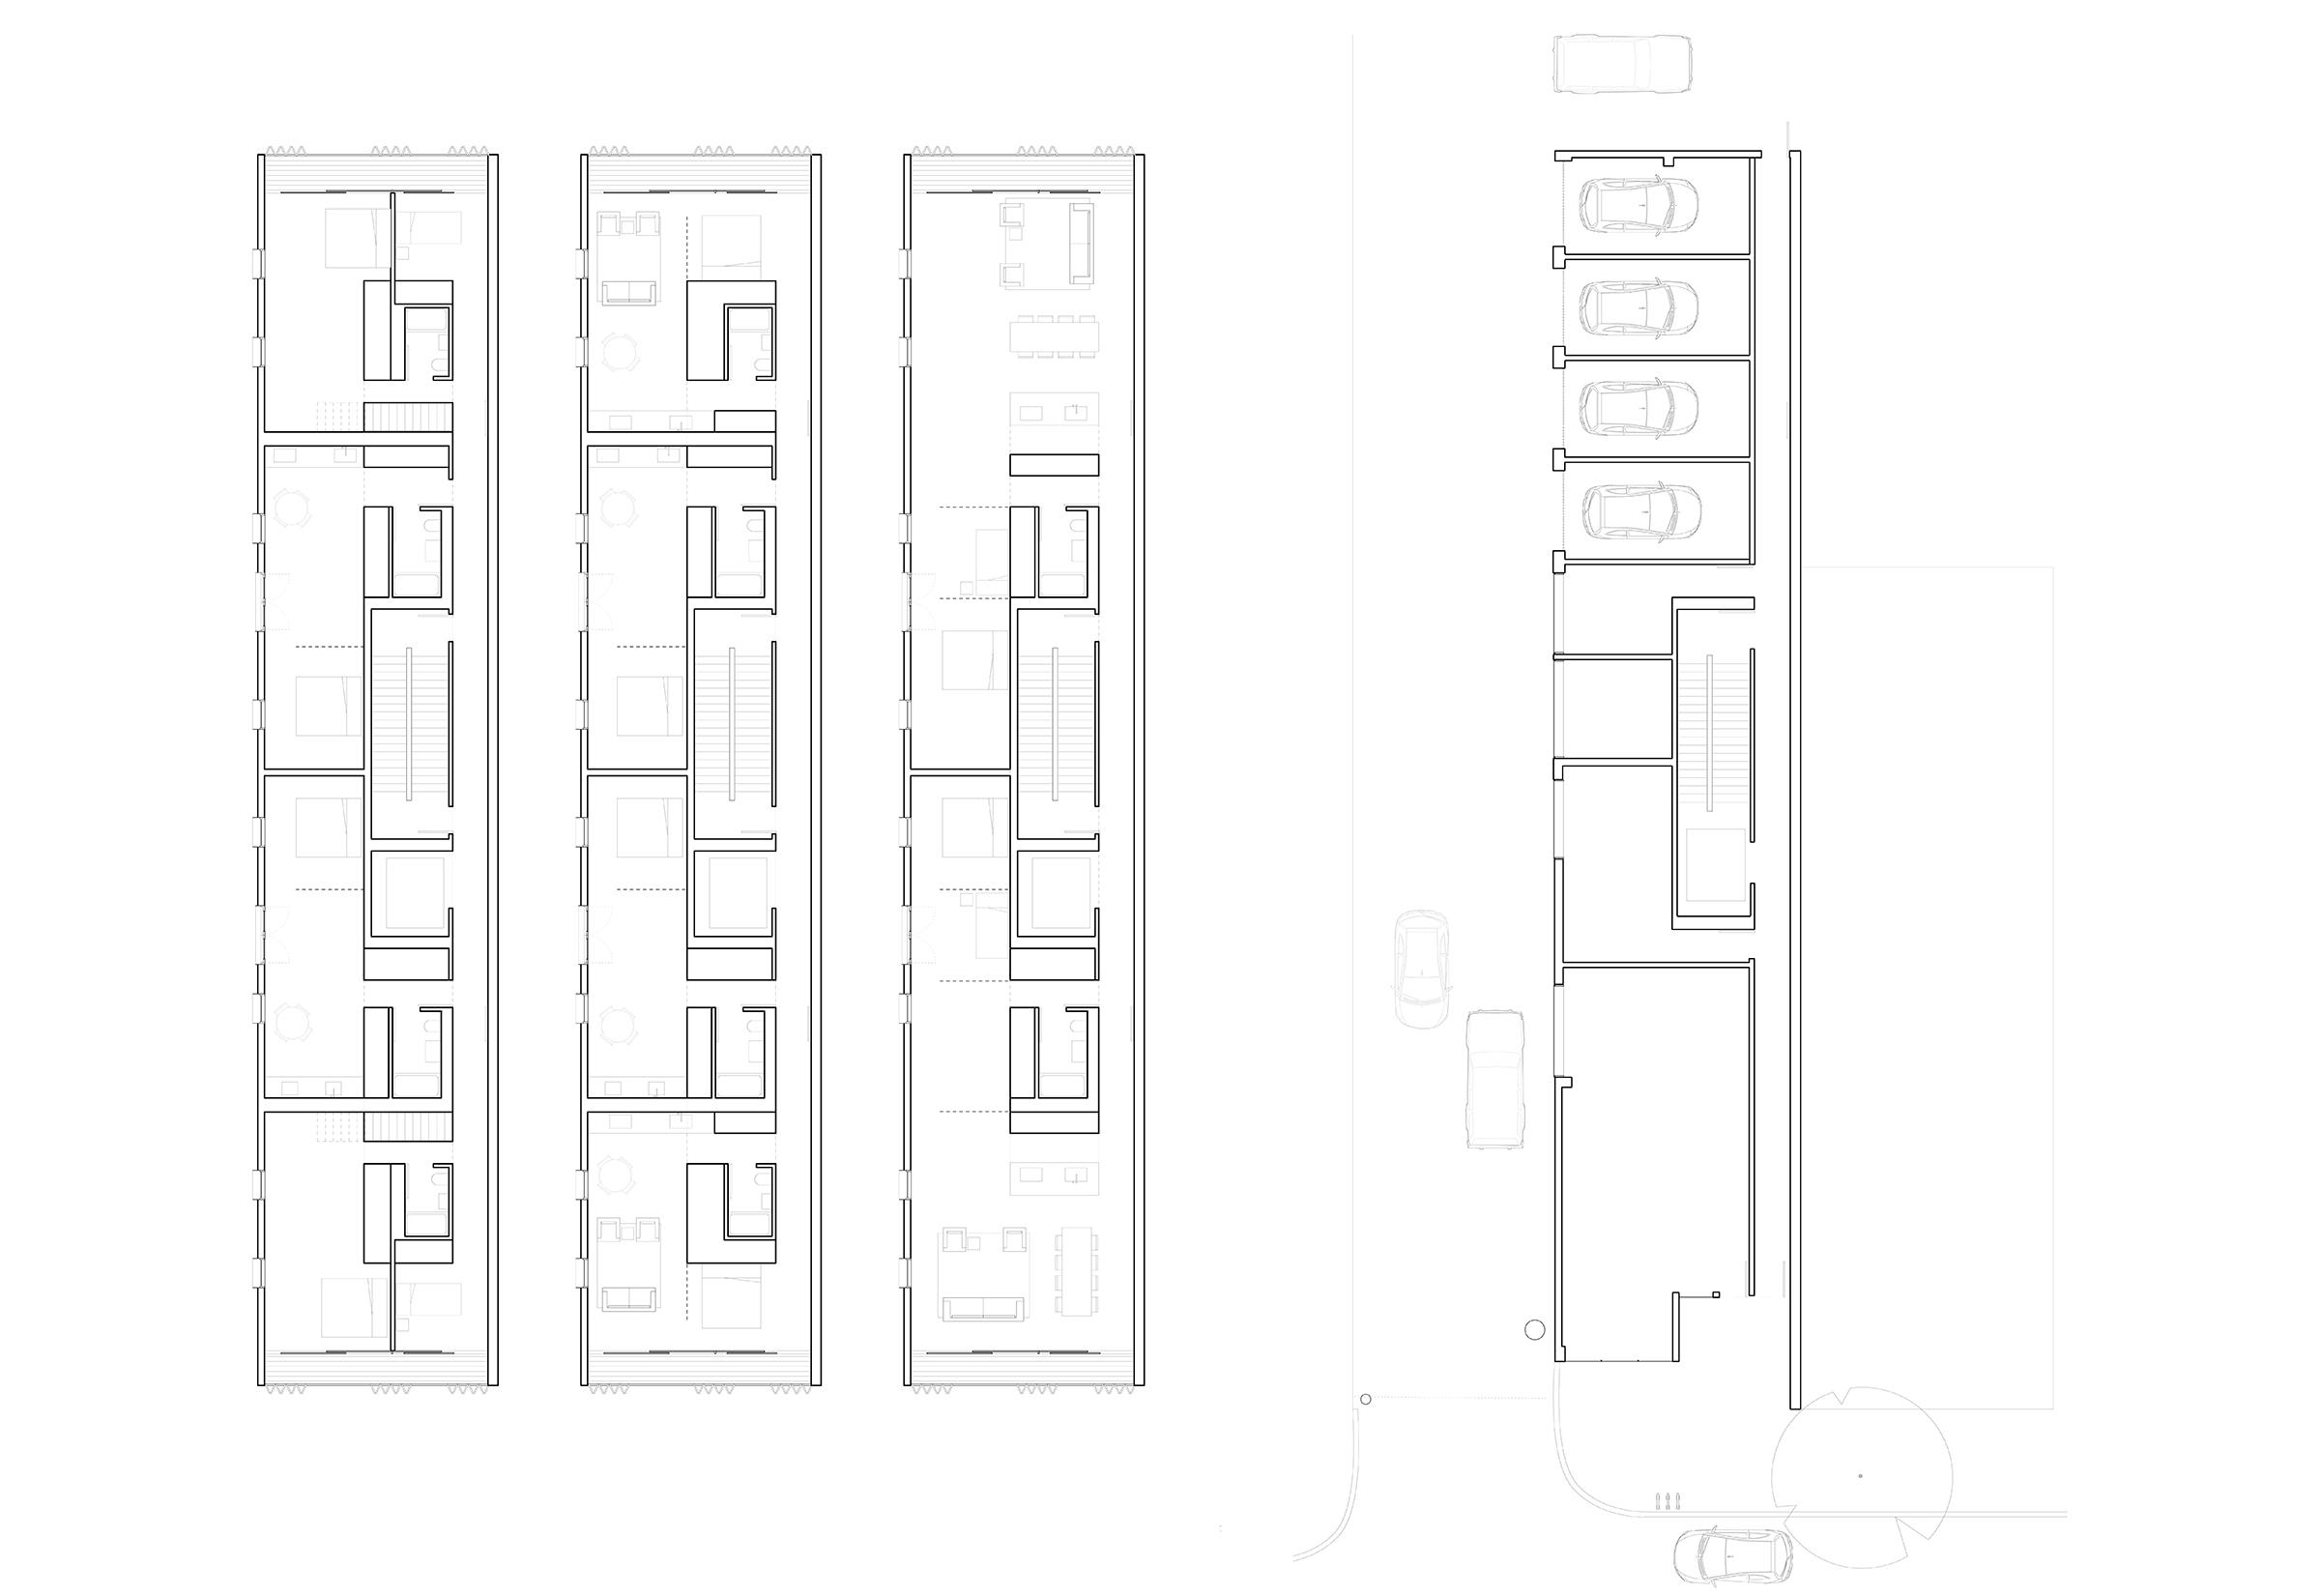 AIR_219E_Floorplans.jpg